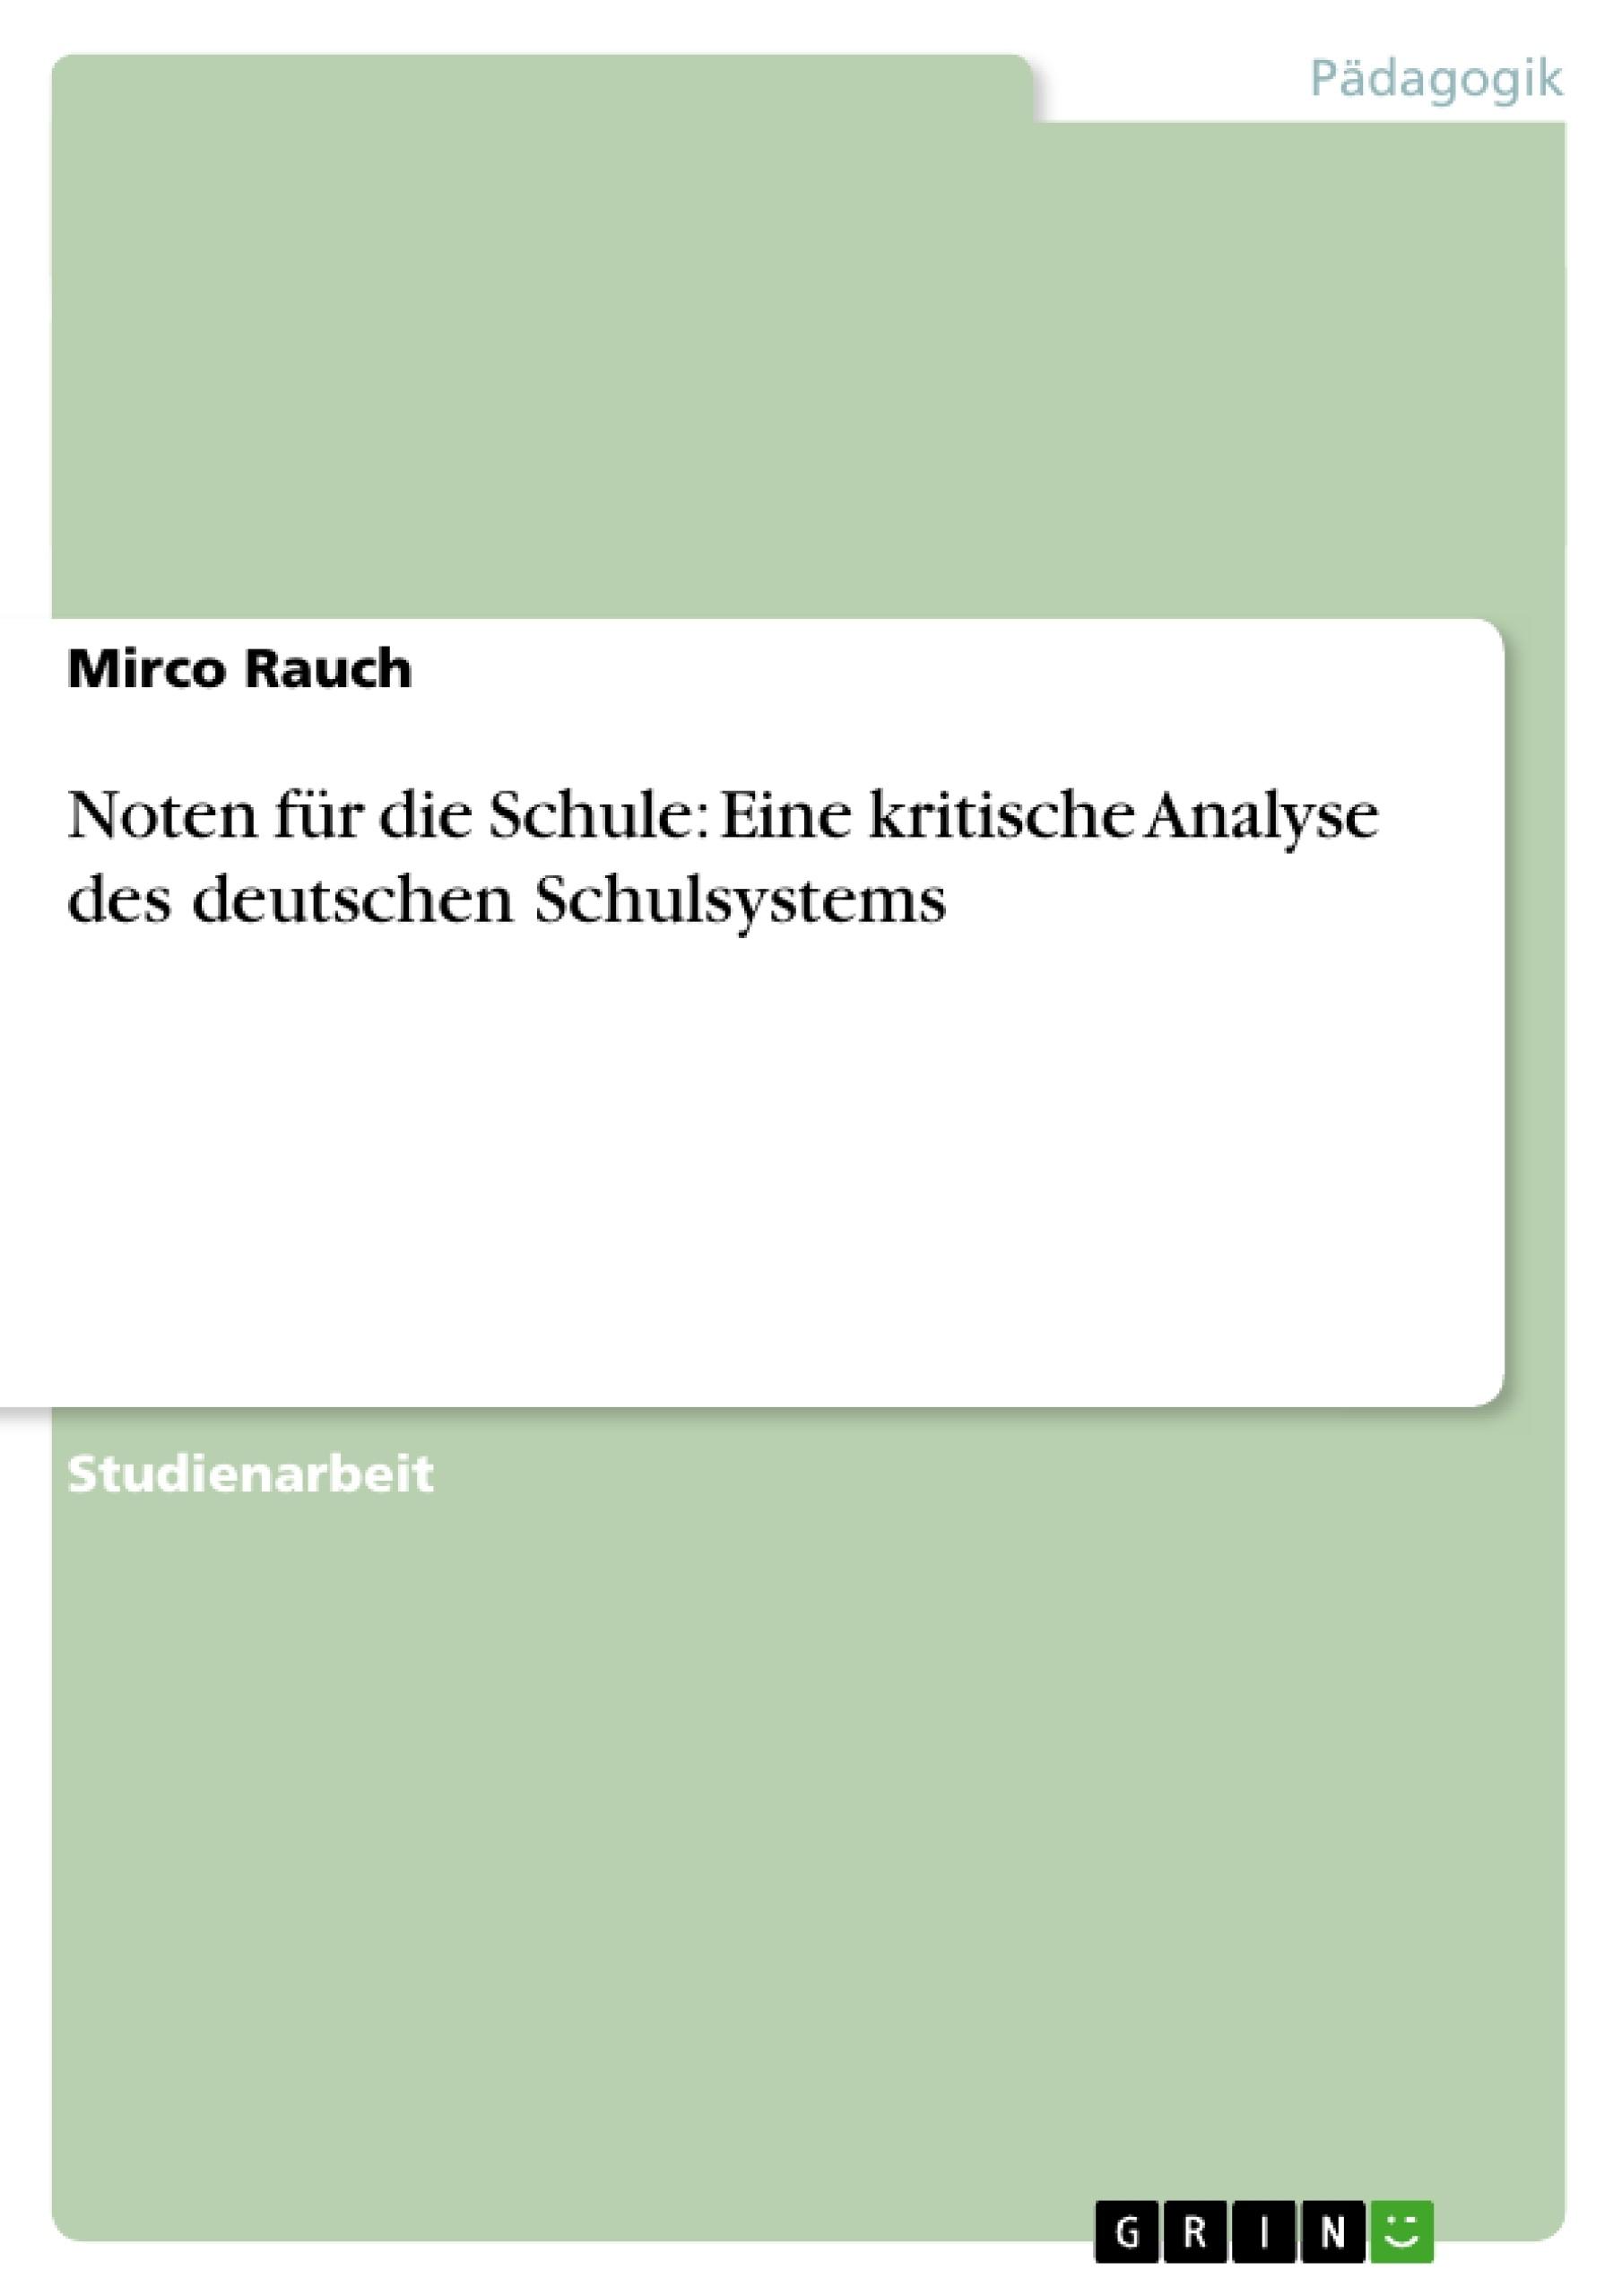 Titel: Noten für die Schule: Eine kritische Analyse des deutschen Schulsystems